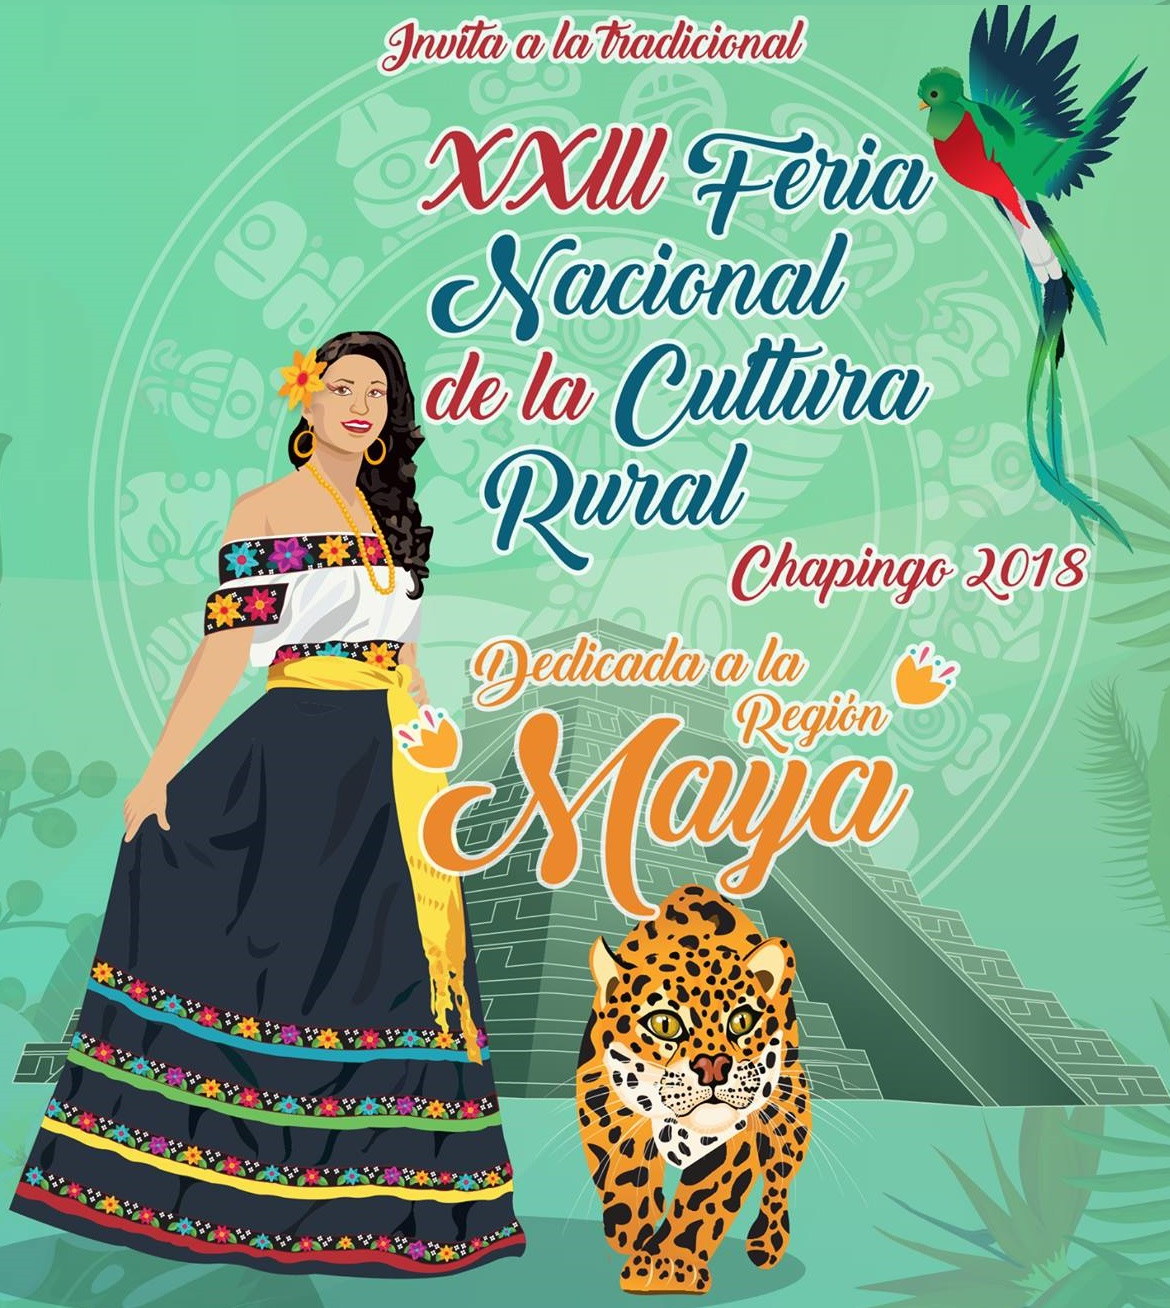 Invitación a la XXIII Feria Nacional de la Cultura Rural Chapingo 2018.